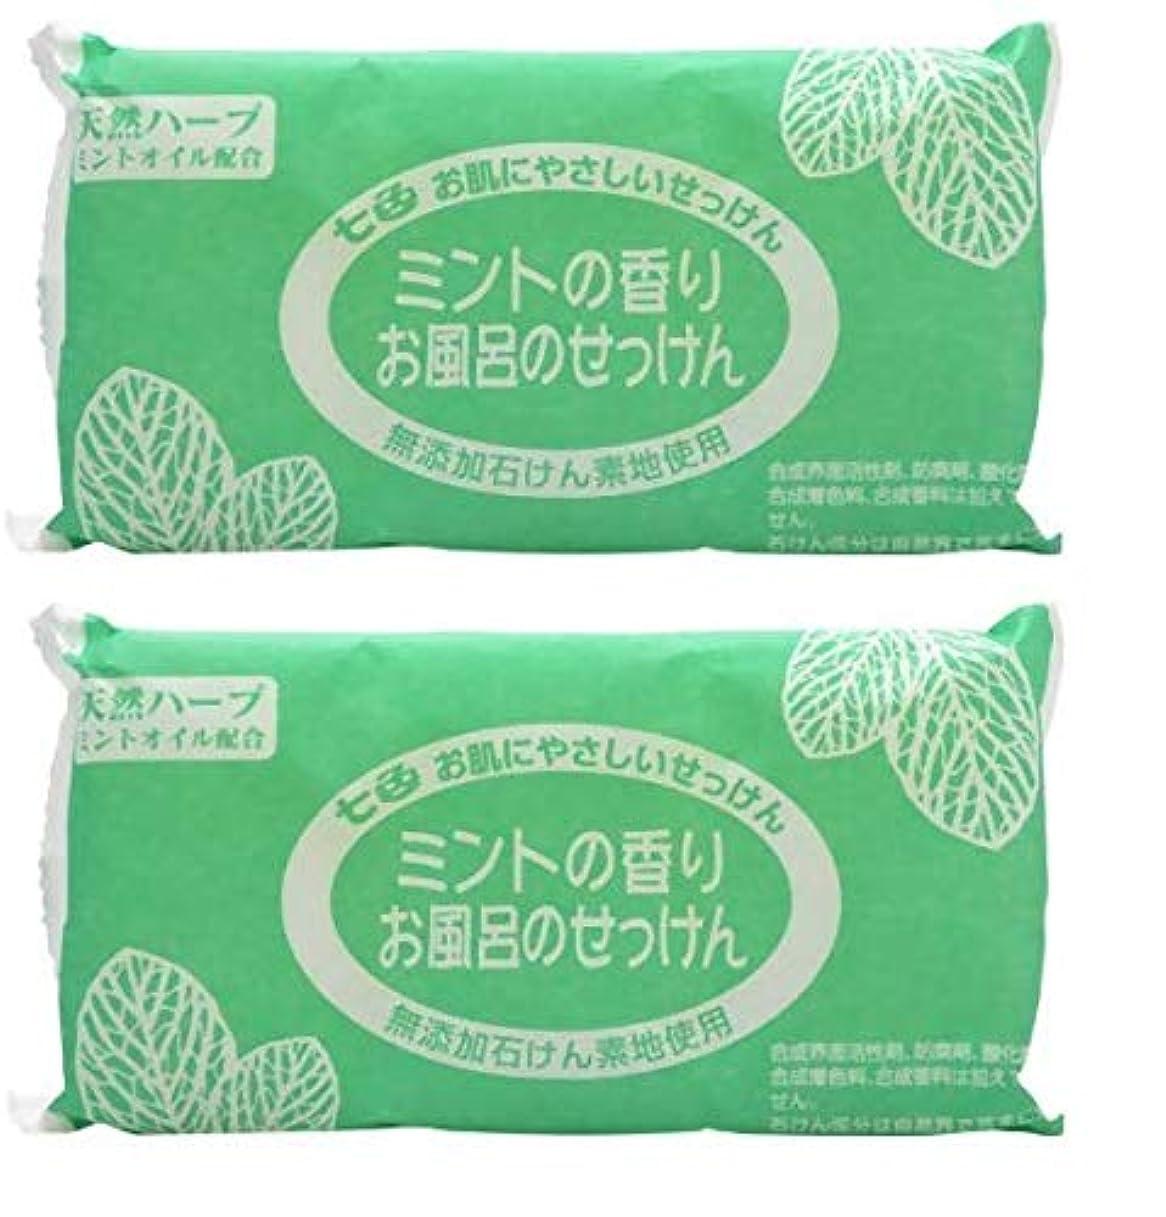 容量傾く過度に七色 お風呂のせっけん ミントの香り(無添加石鹸) 100g×6個入